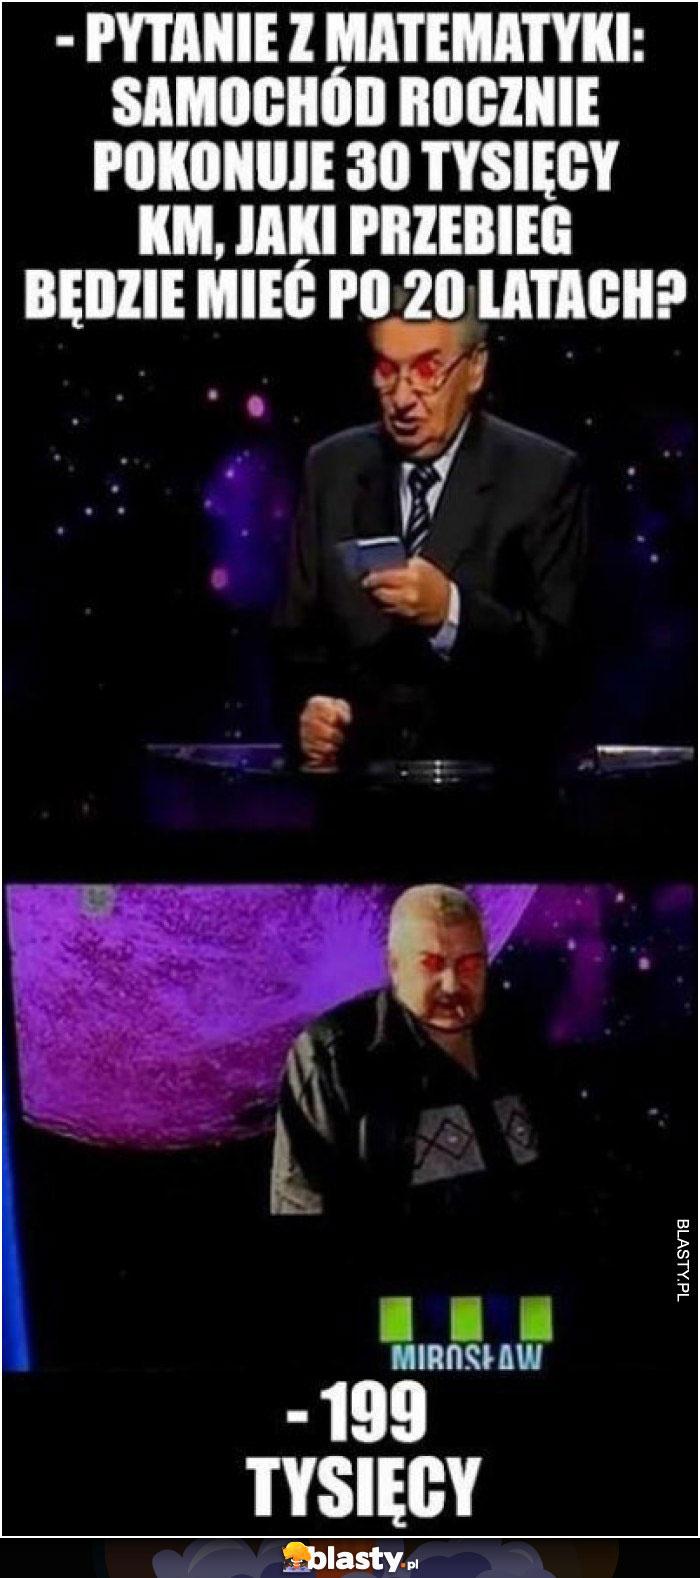 Pytanie z matematyki